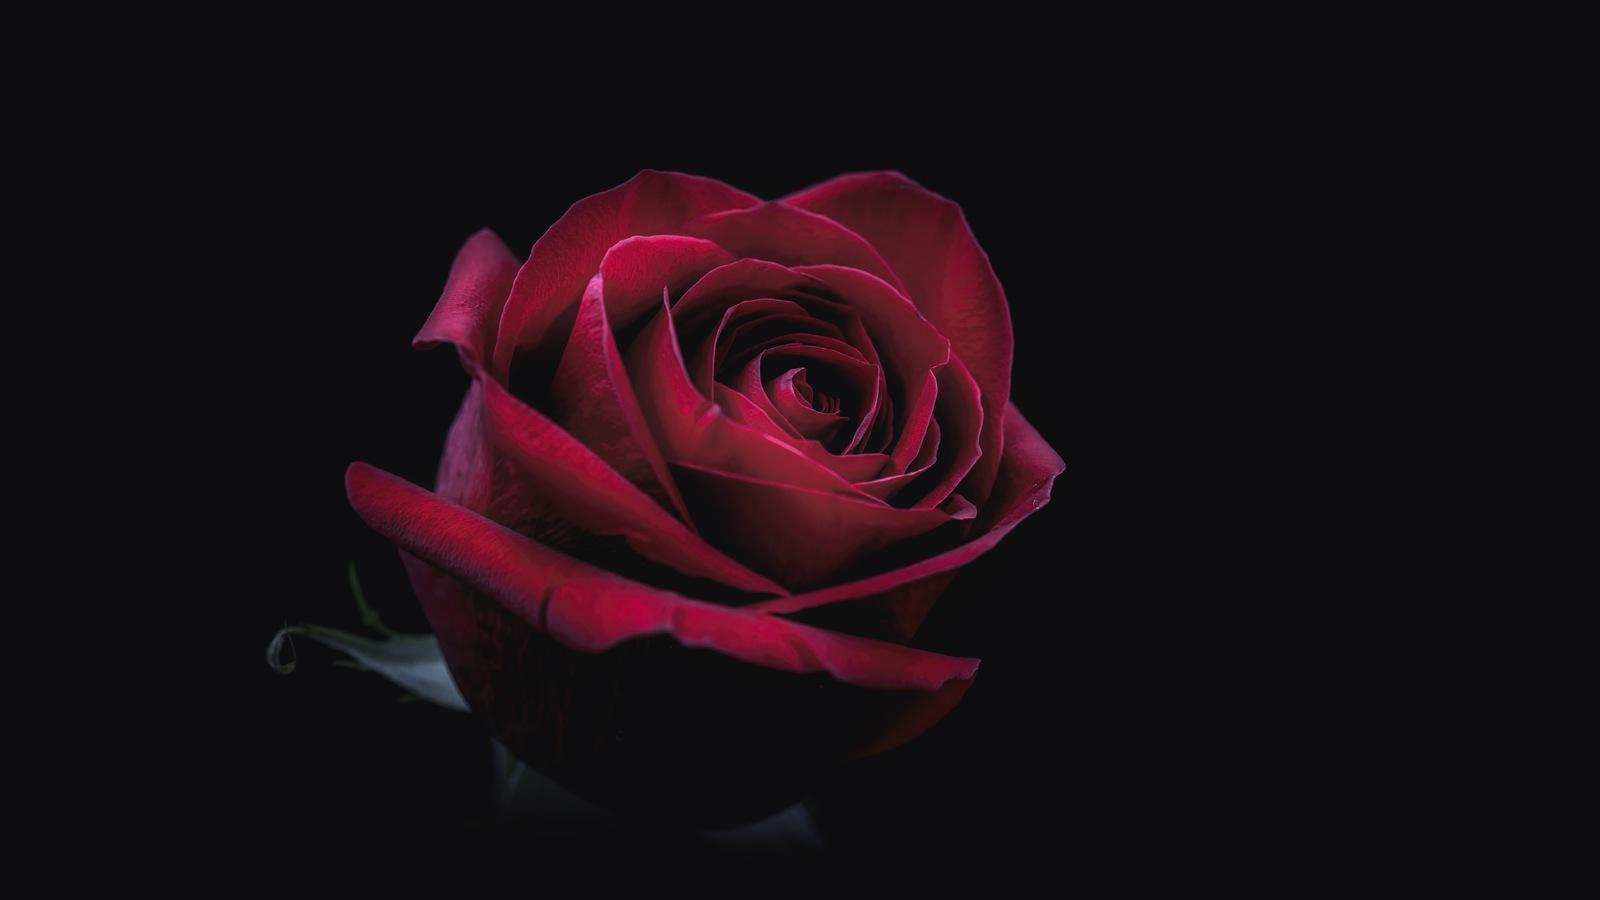 rose-oled-8k-8v.jpg